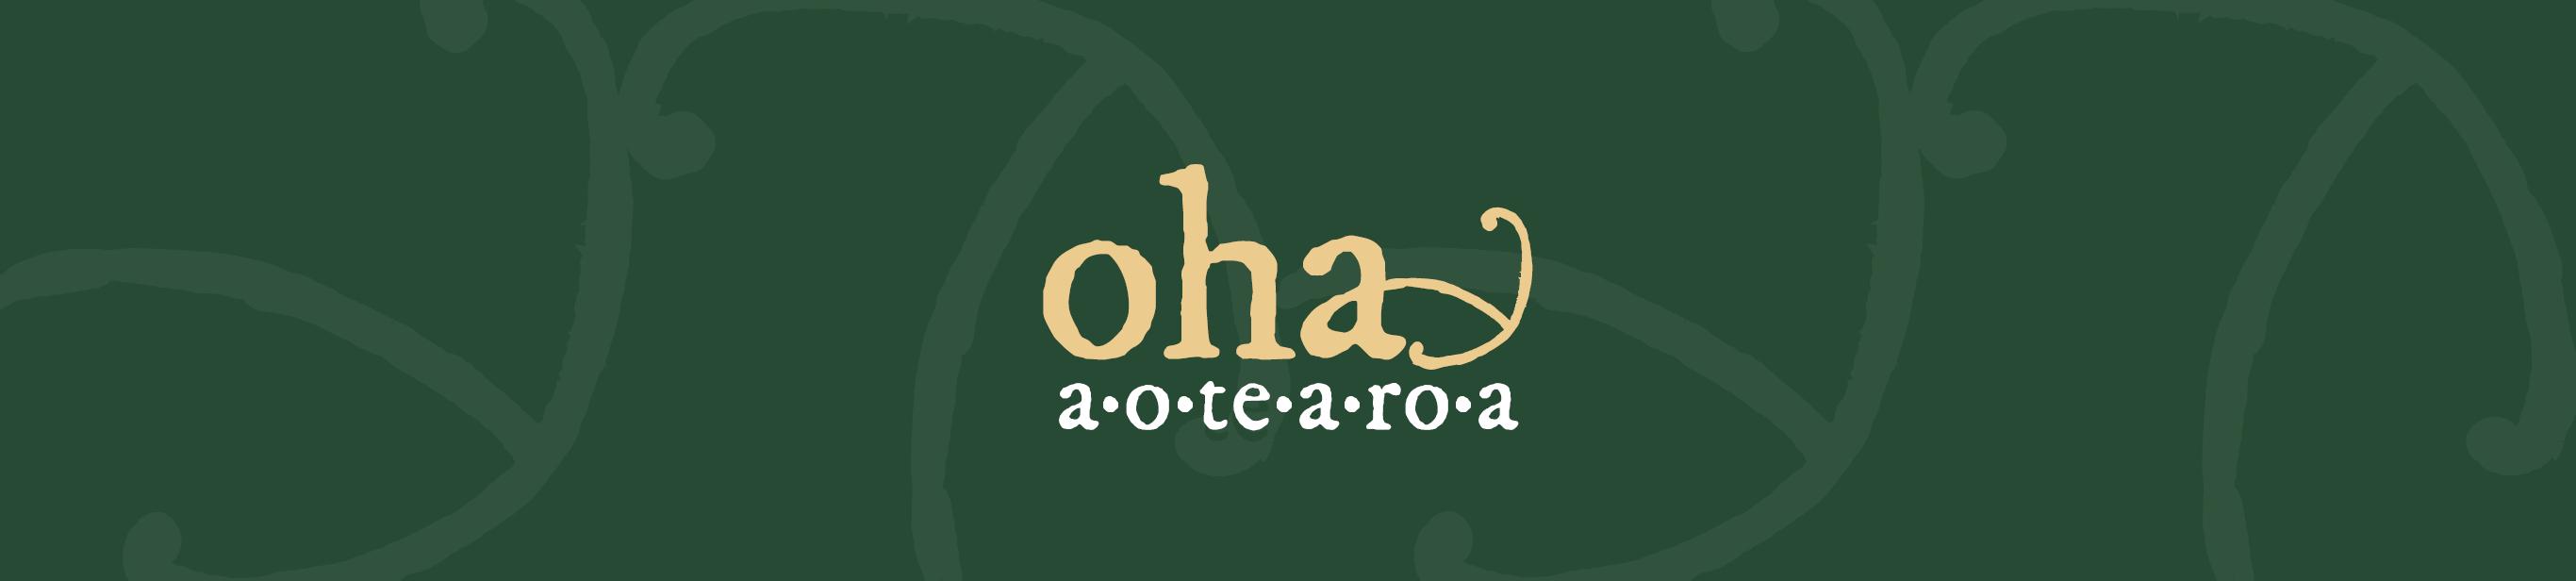 DDB Group commits to Aotearoa Oha alongside Ngāti Whātua Ōrākei